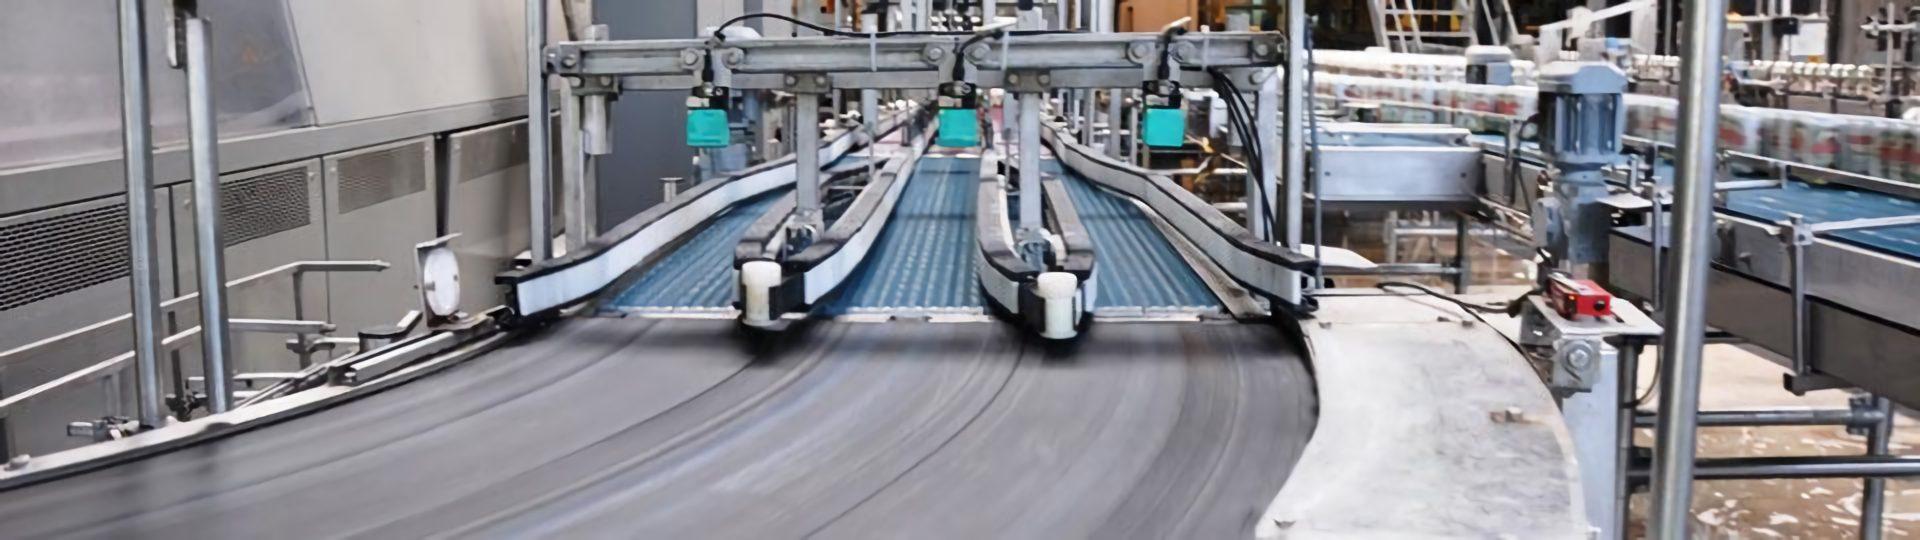 Produkcja linii transportujących dla przemysłu spożywczego i innych